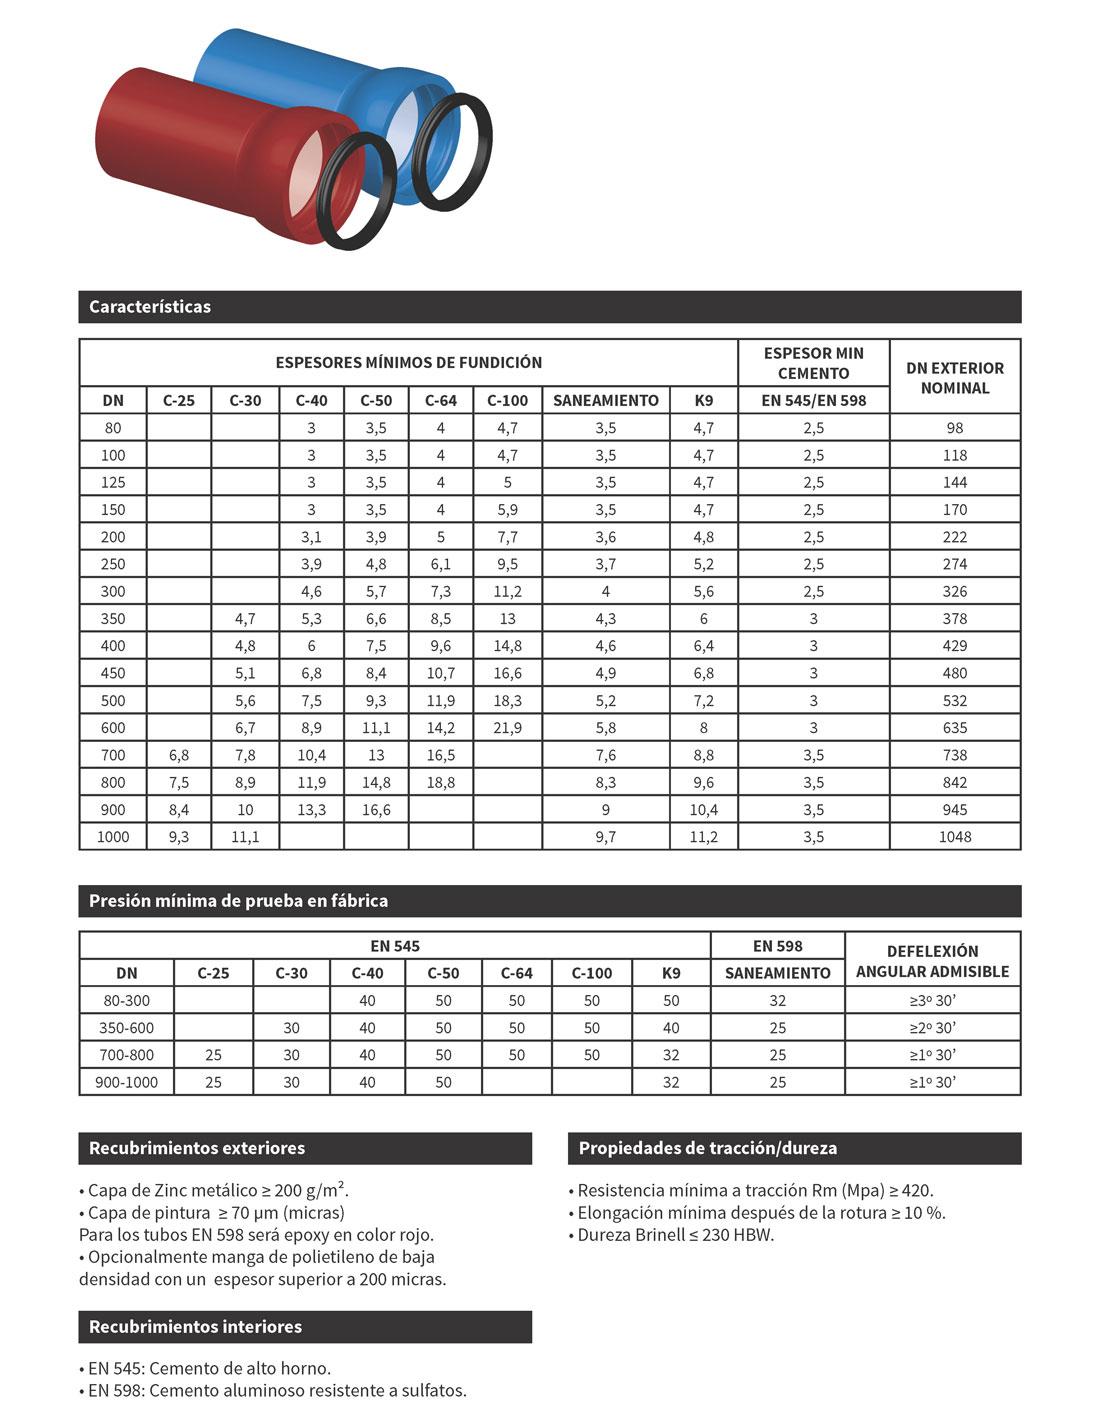 tuberias de fundición para conducciones hidráulicas. FMK hydraulic supplies